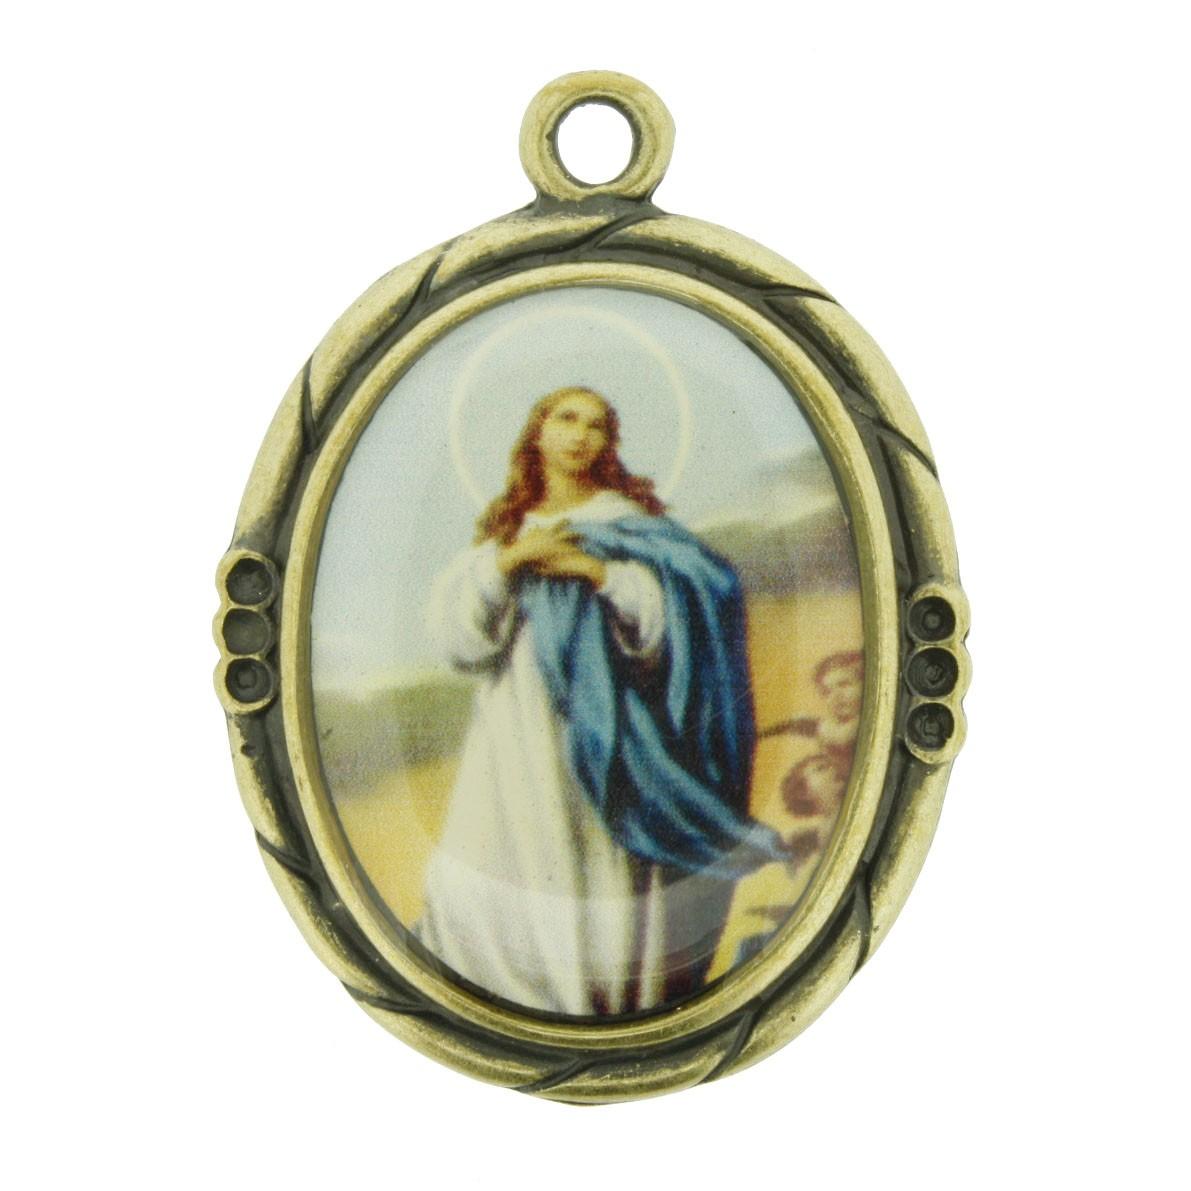 Nossa Senhora Imaculada Conceição - Ouro Velho e Resina - 42mm  - Universo Religioso® - Artigos de Umbanda e Candomblé